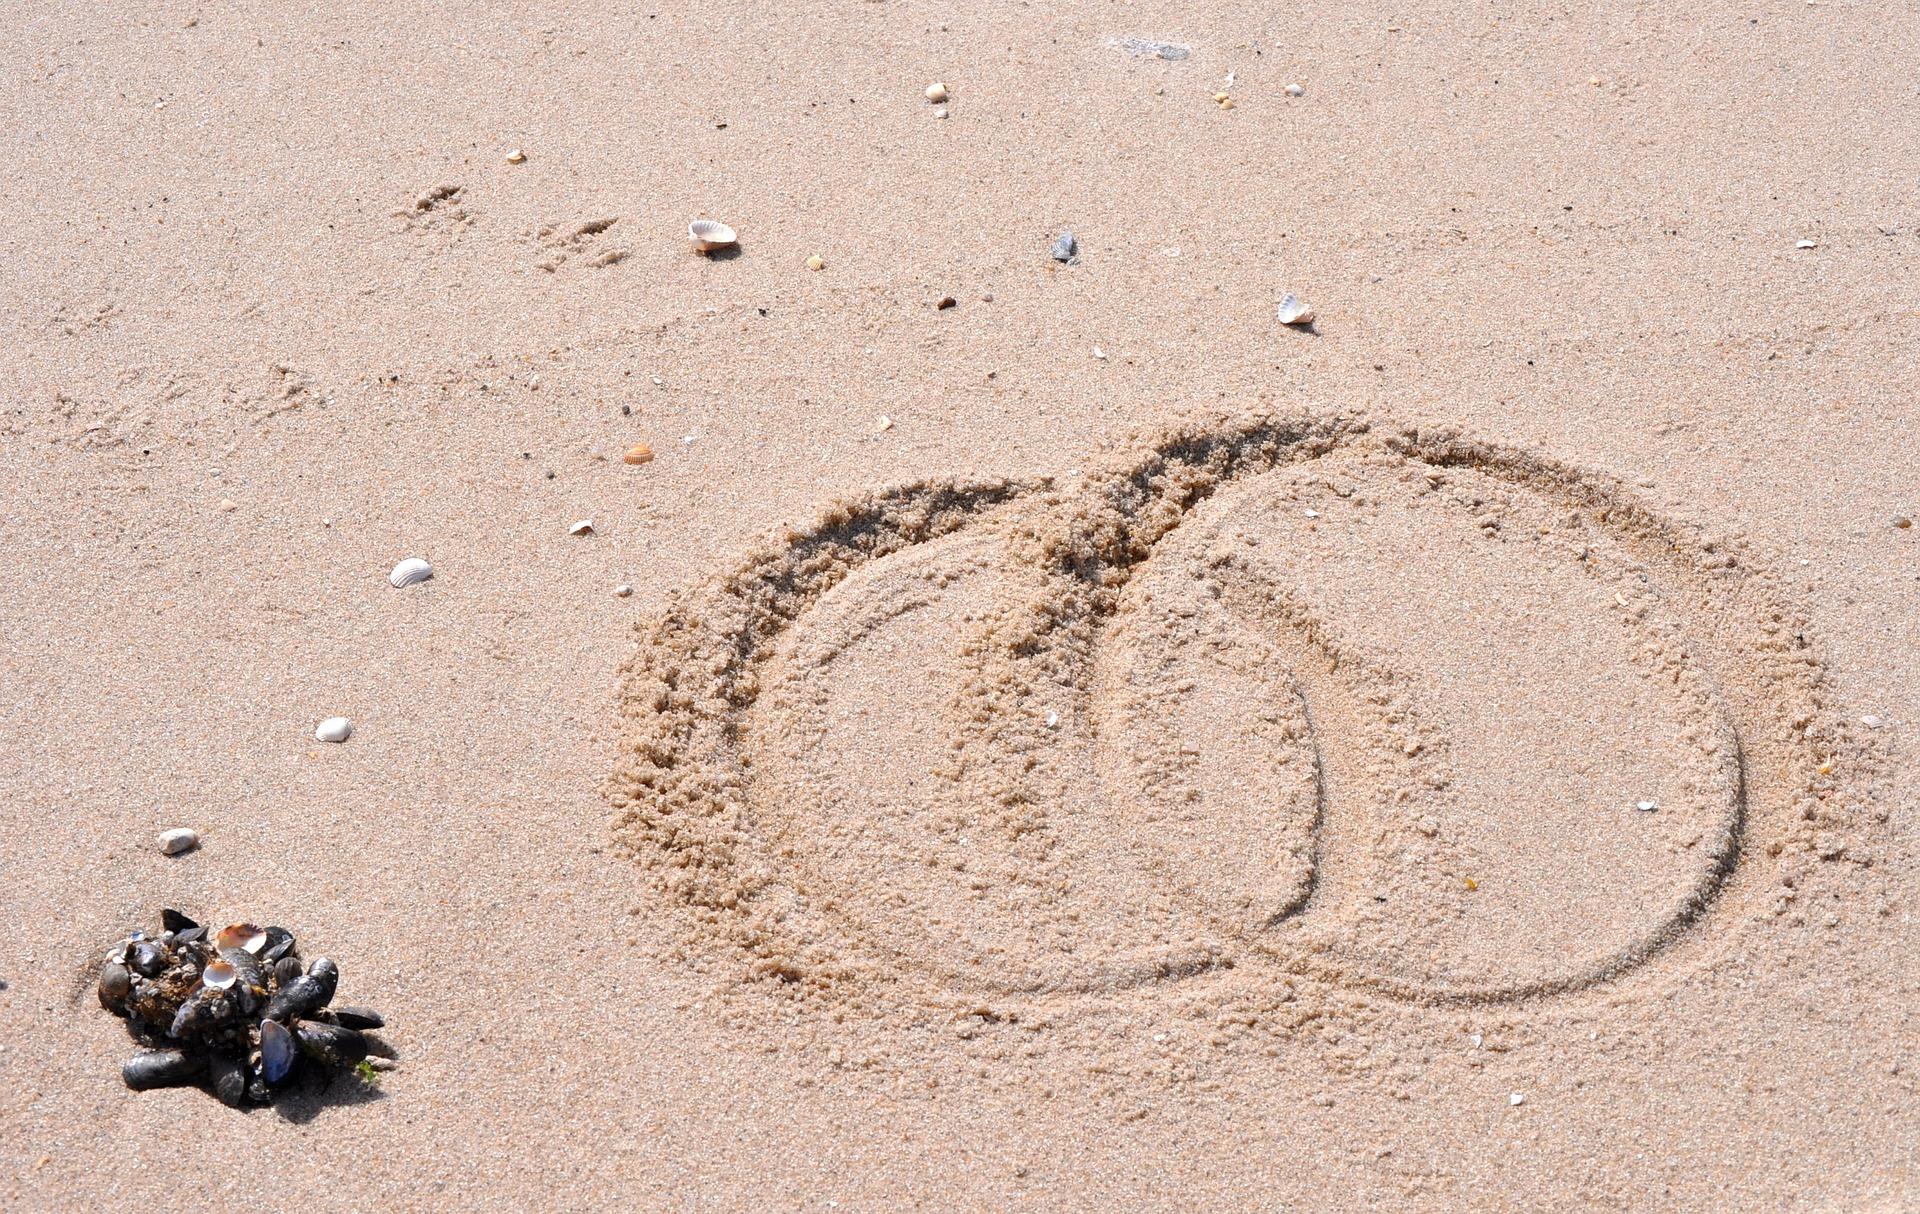 Anillos en la playa - Enlace